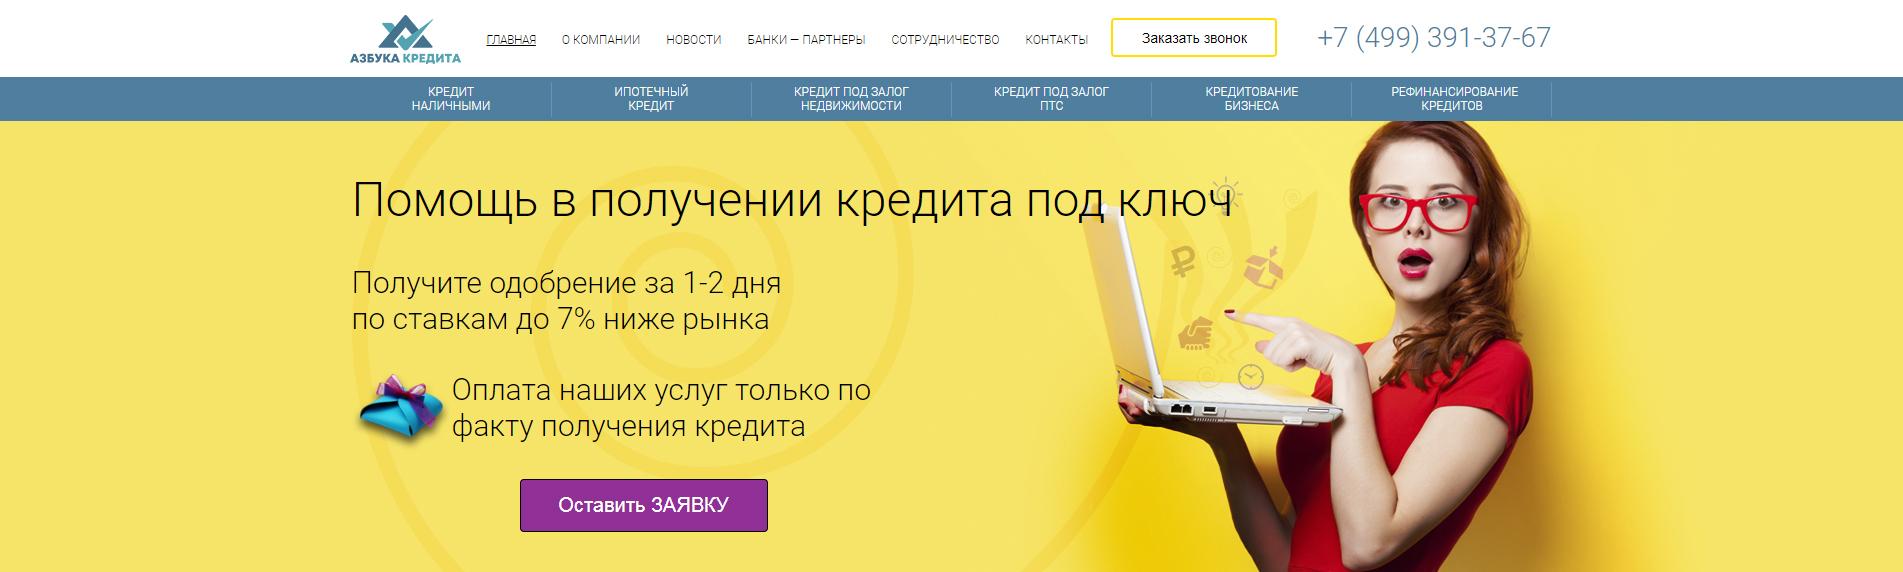 Разработать логотип для финансовой компании фото f_4695def72a935693.jpg